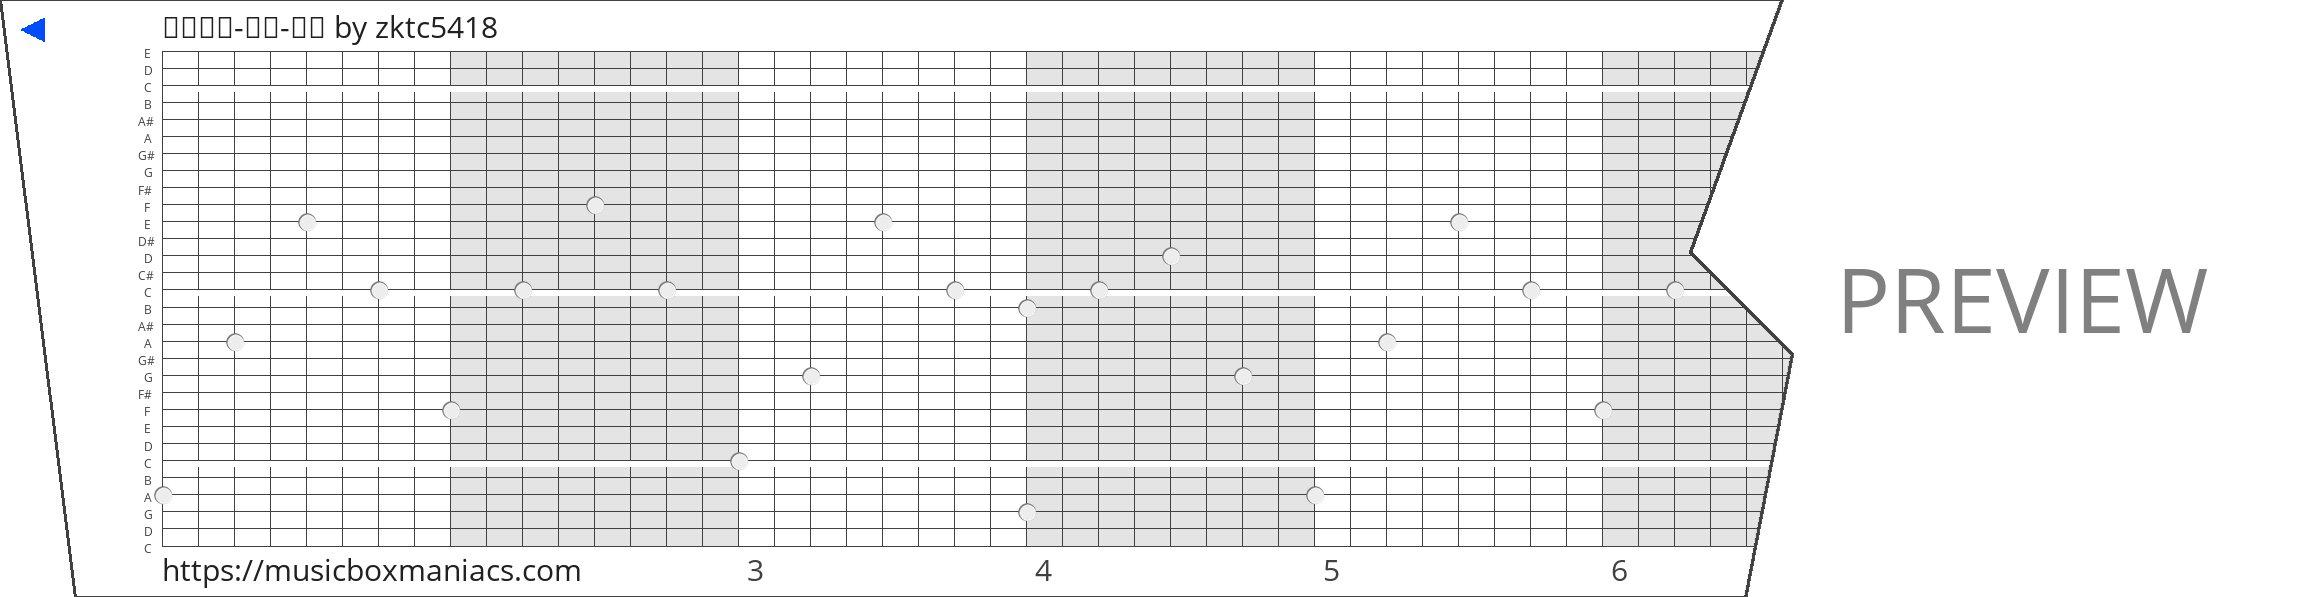 平凡之路-流行-朴树 30 note music box paper strip